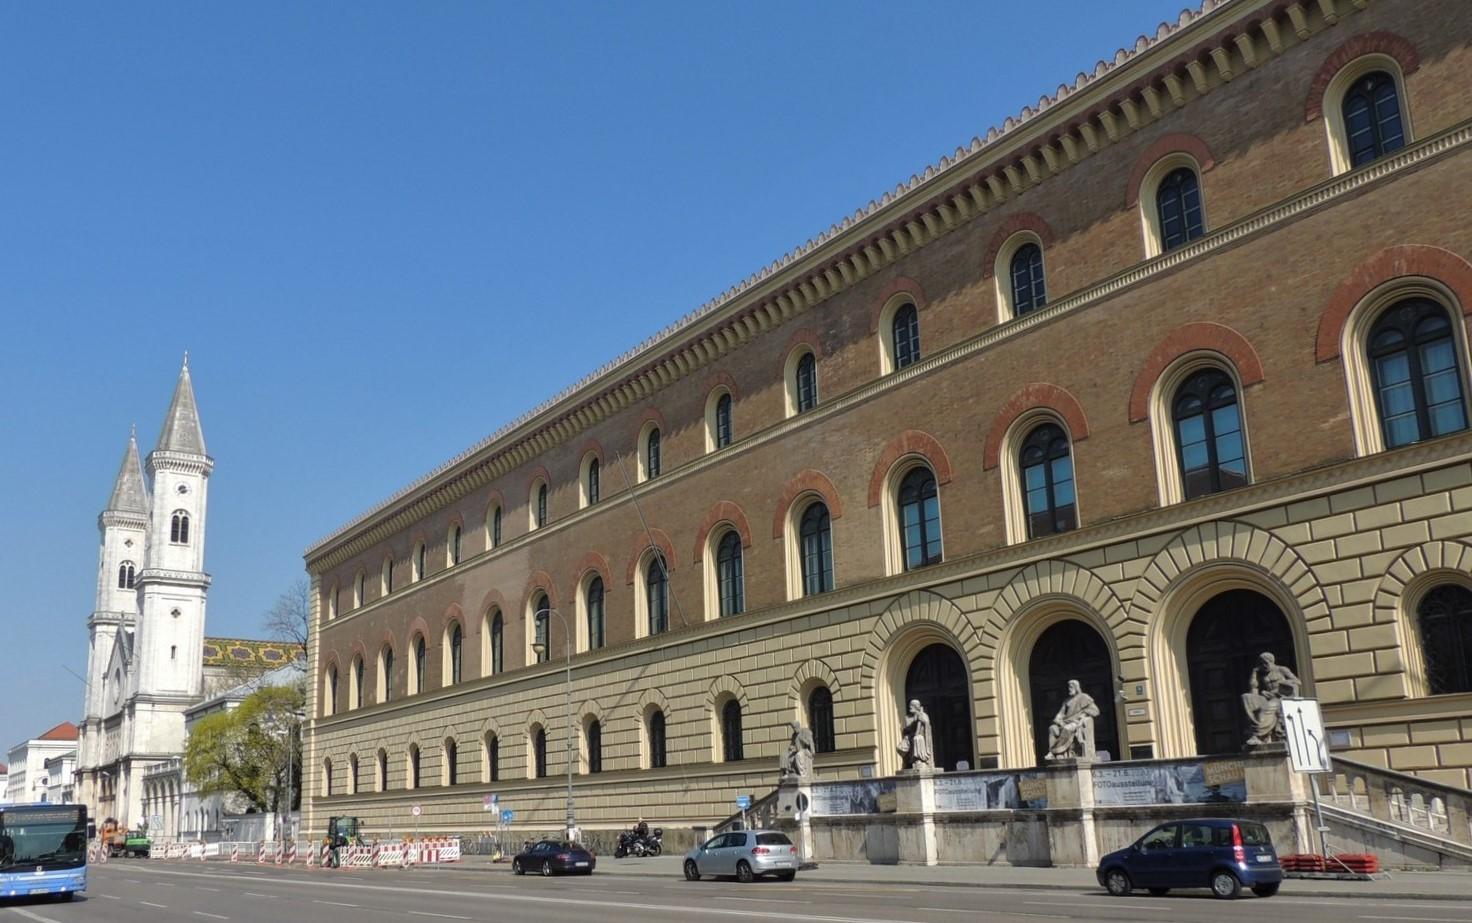 Gebäude der Bayerischen Staatsbibliothel - Ludwigstraße - im Auftrag von Ludwig I. durch Friedrich Wilhelm Gärtner erbaut